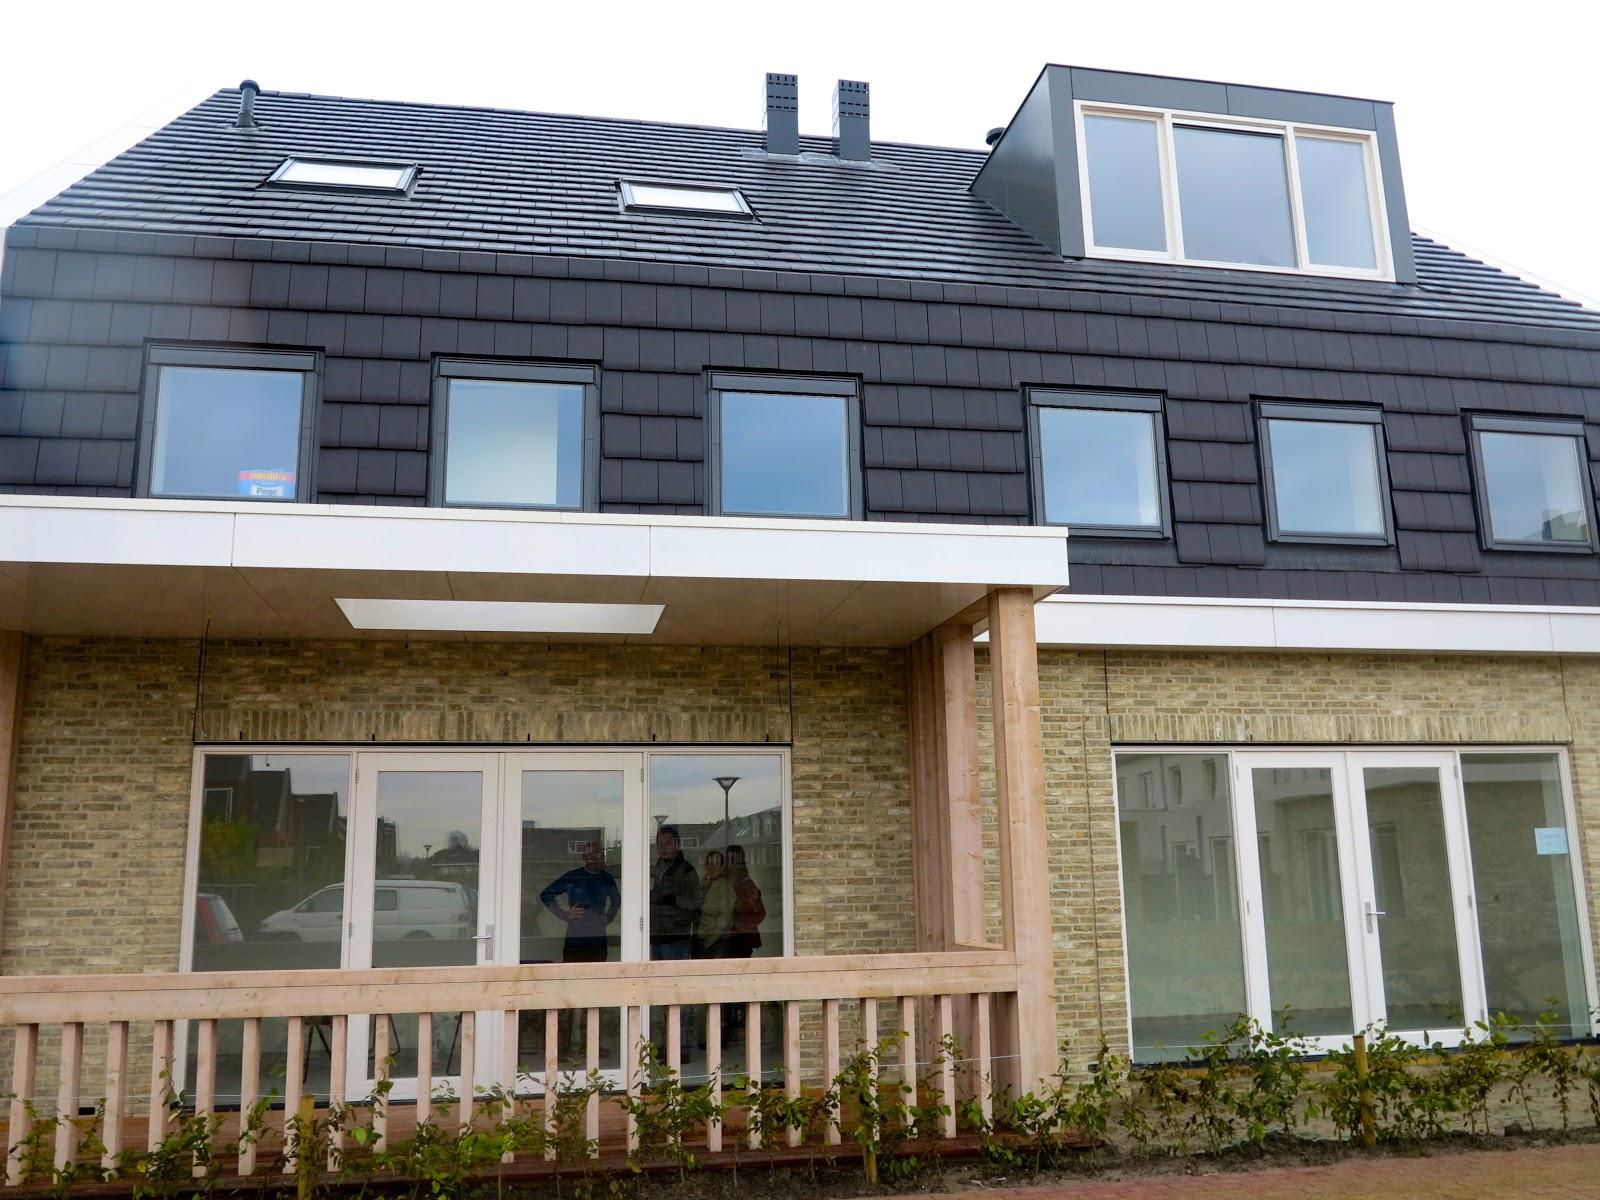 Joehoee de eerste huizen van de verborgen tuin zijn vandaag opgeleverd p a r k 16 h o v e n - Huizen van de wereldbank ...